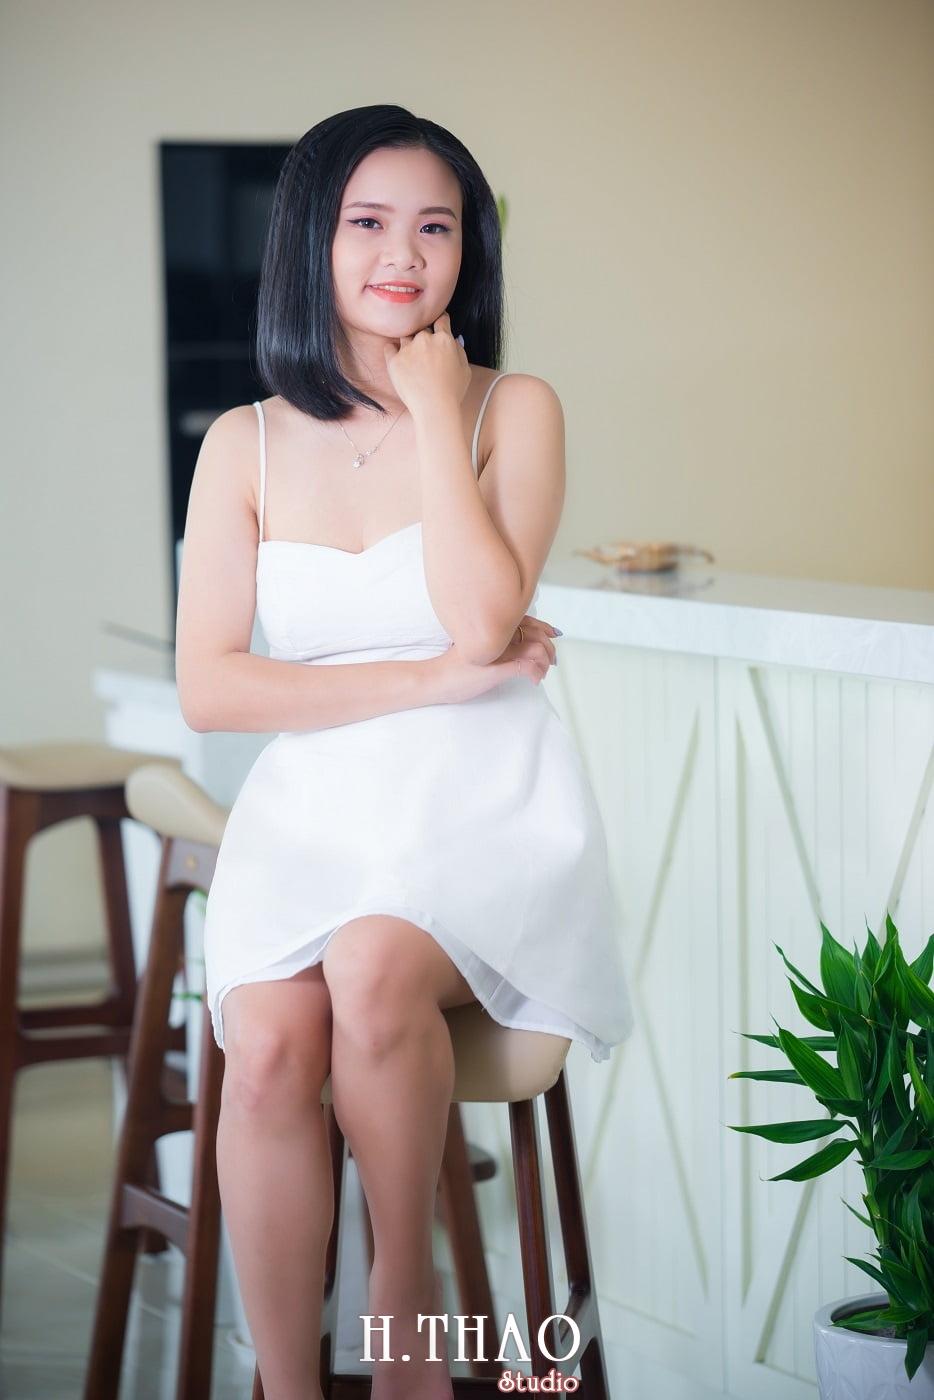 Anh chi Ngoc 86 min - Góc ảnh chụp indoor đơn giản mà đẹp – HThao Studio